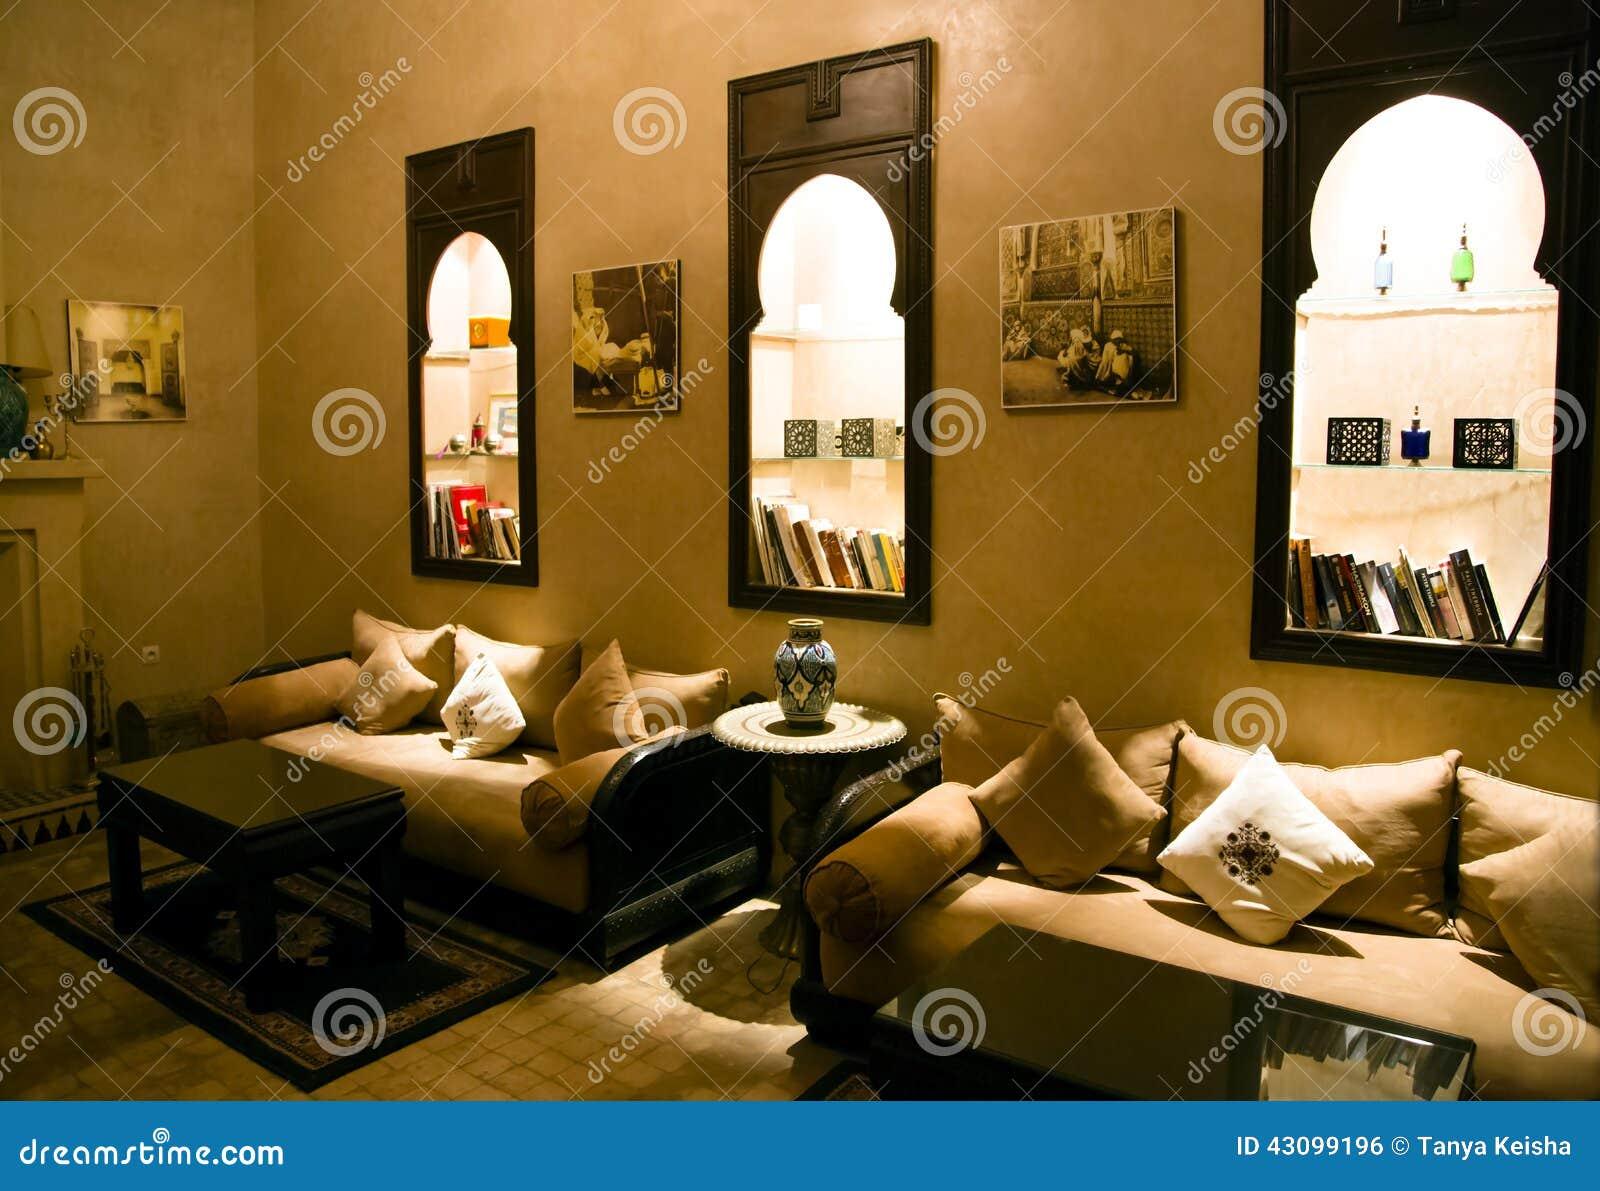 https://thumbs.dreamstime.com/z/islamische-arabische-innenarchitektur-43099196.jpg